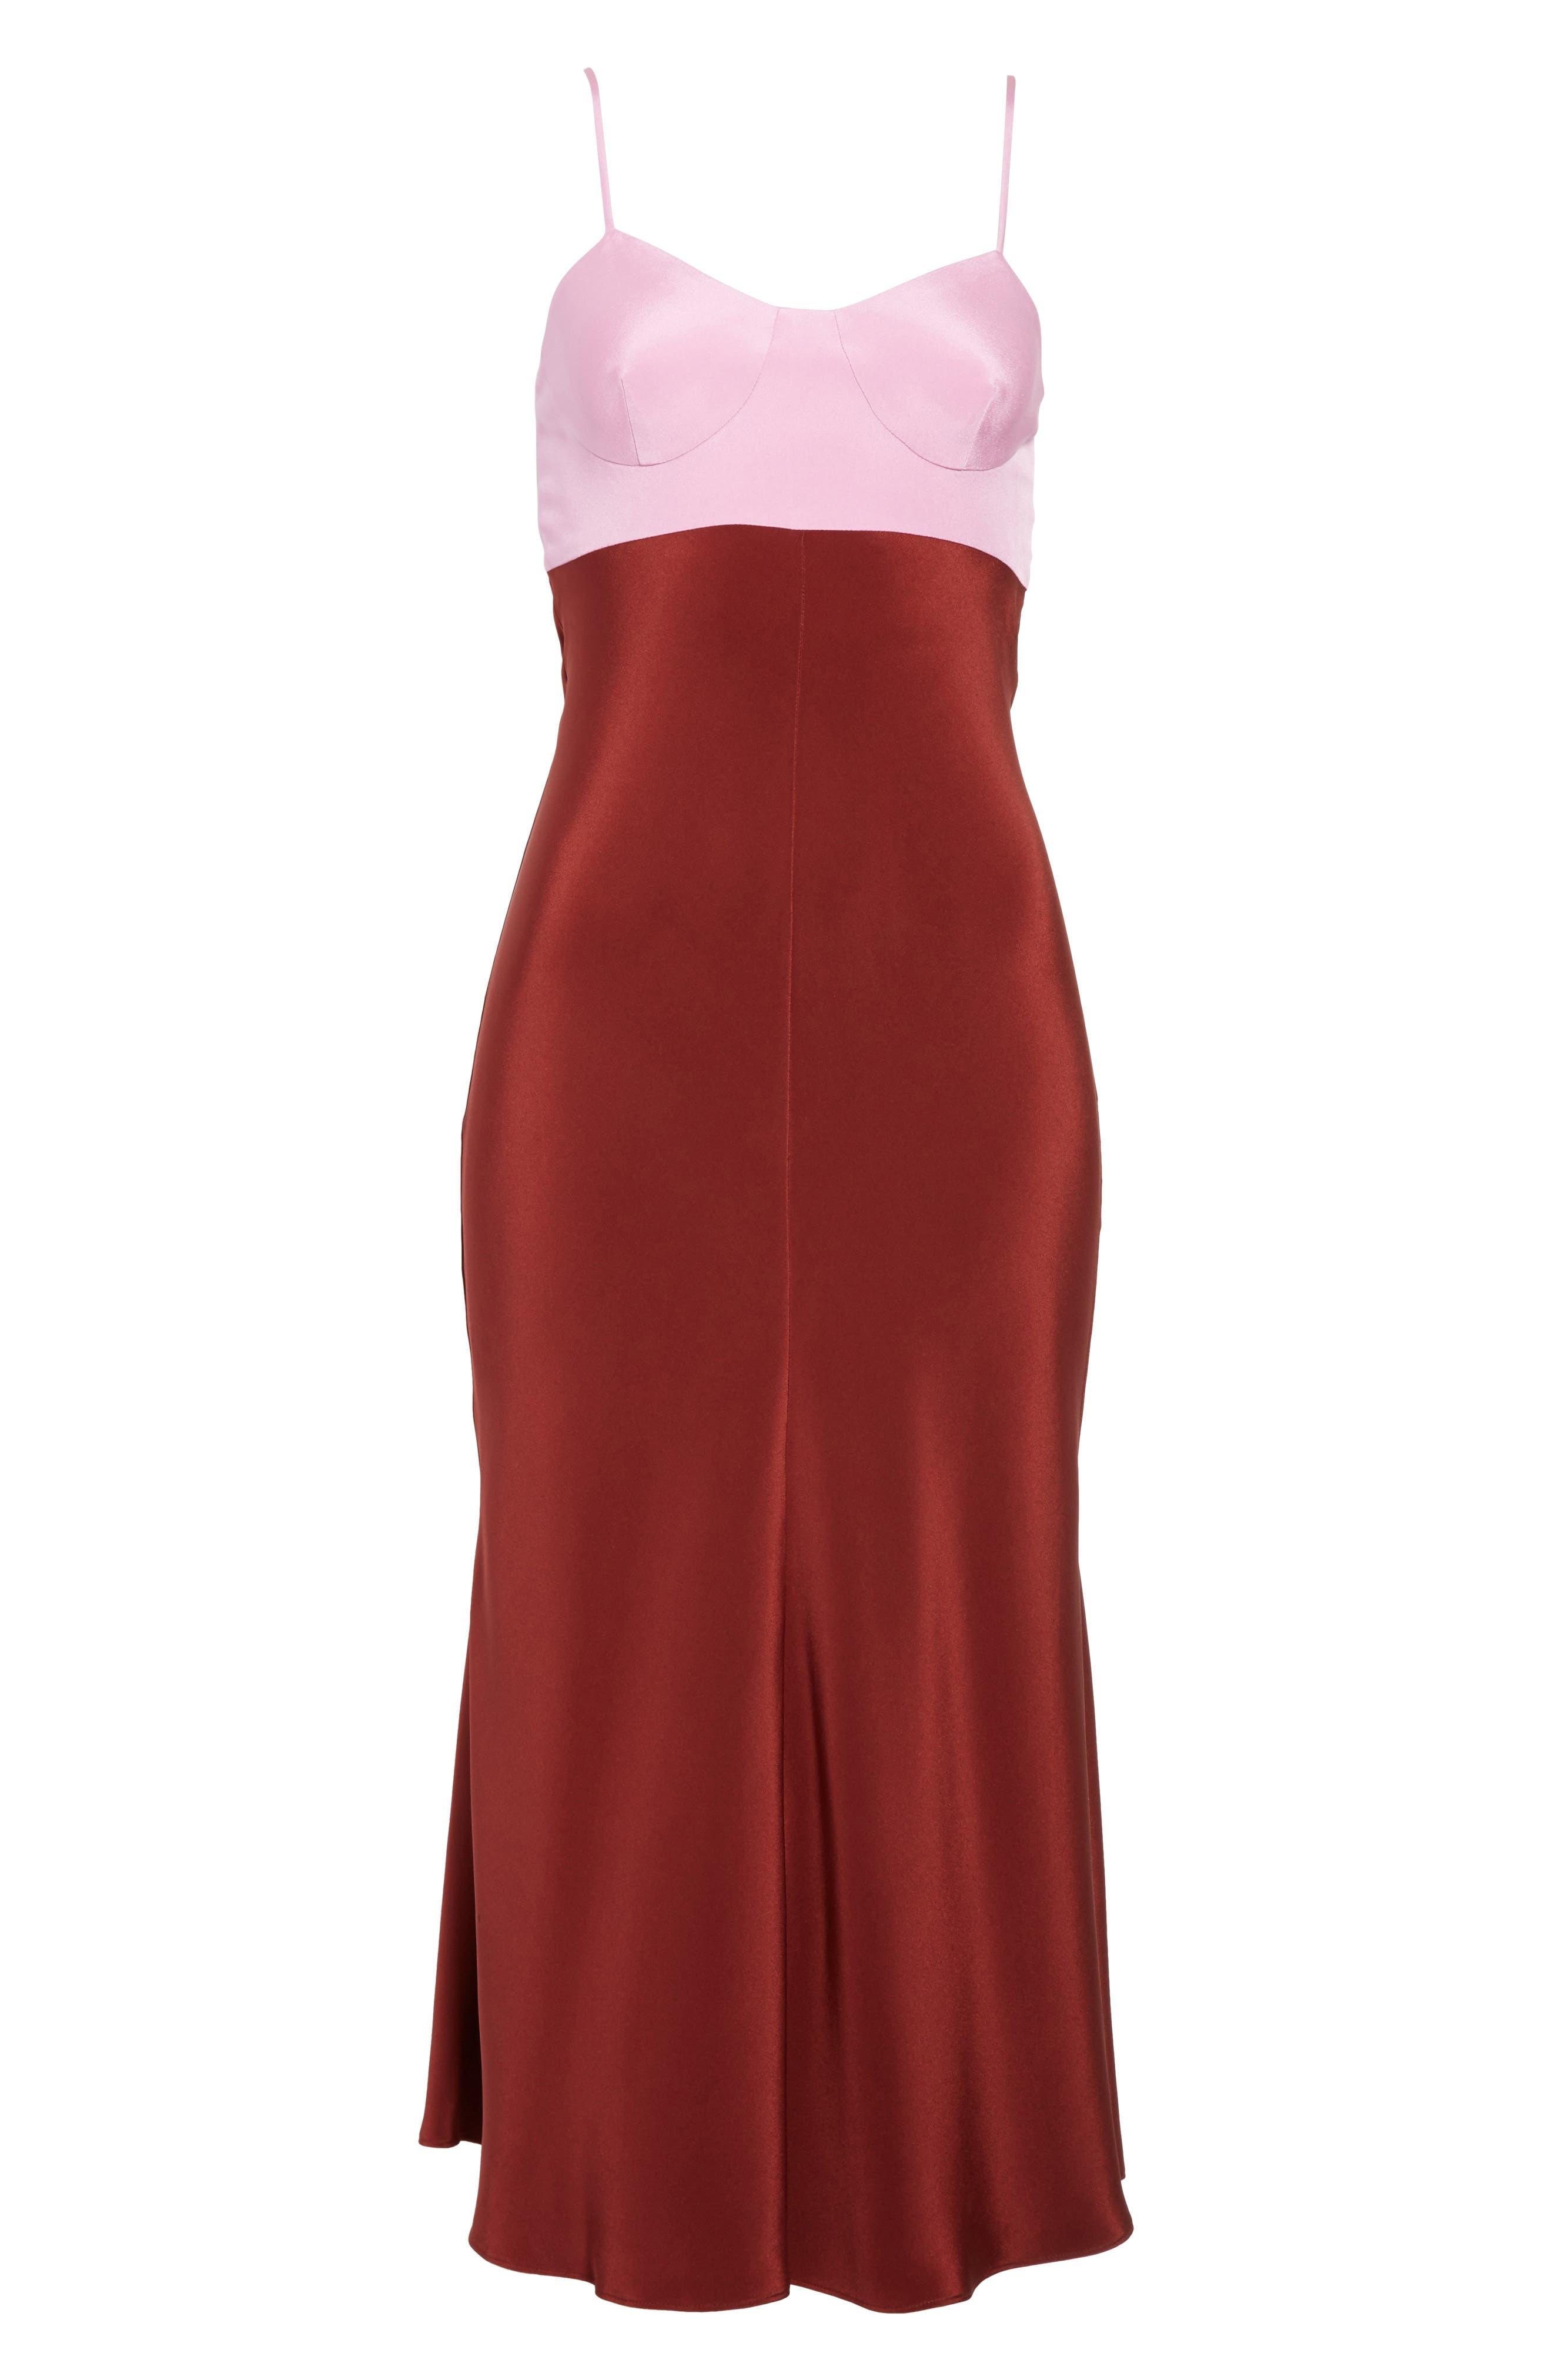 Silk Lingerie Dress,                             Alternate thumbnail 6, color,                             Burnt Red Multi